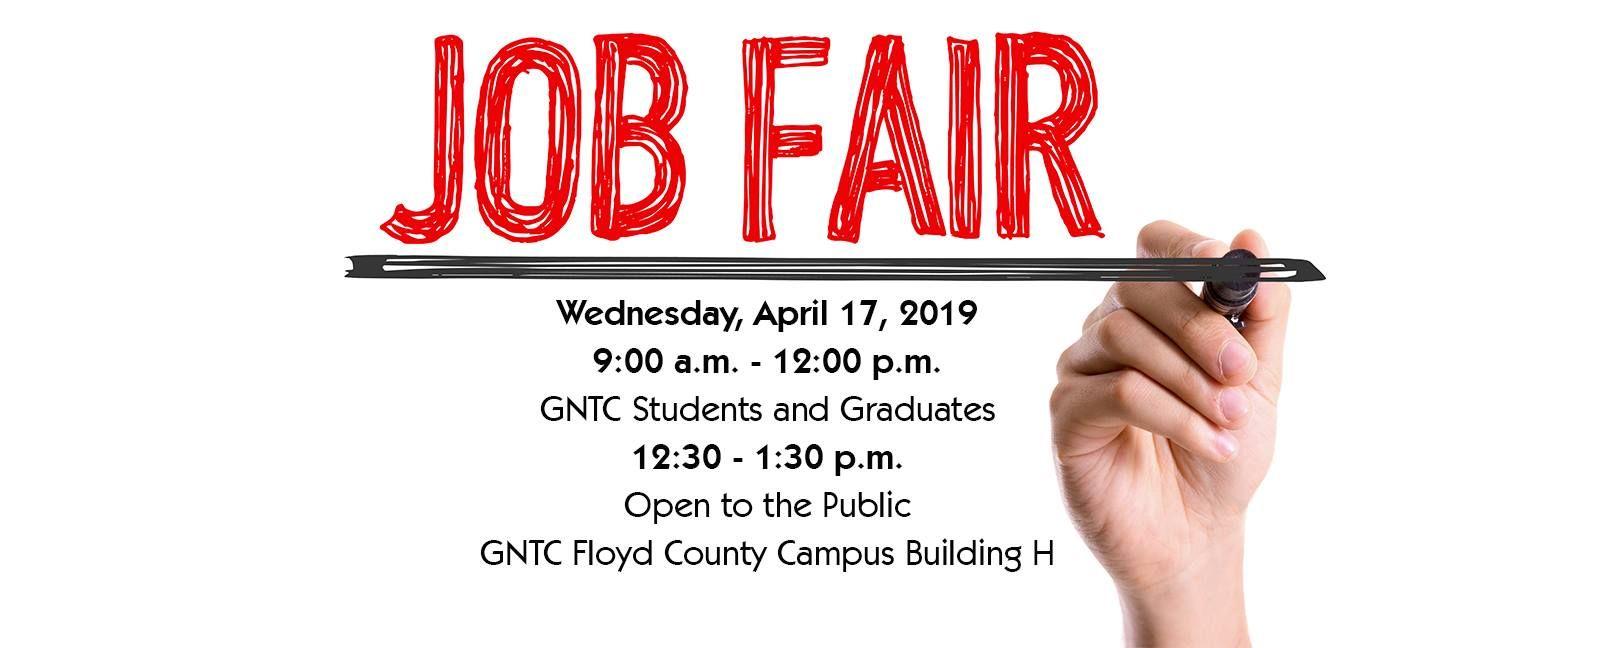 GNTC Job Fair Job fair, Education college, Floyd county